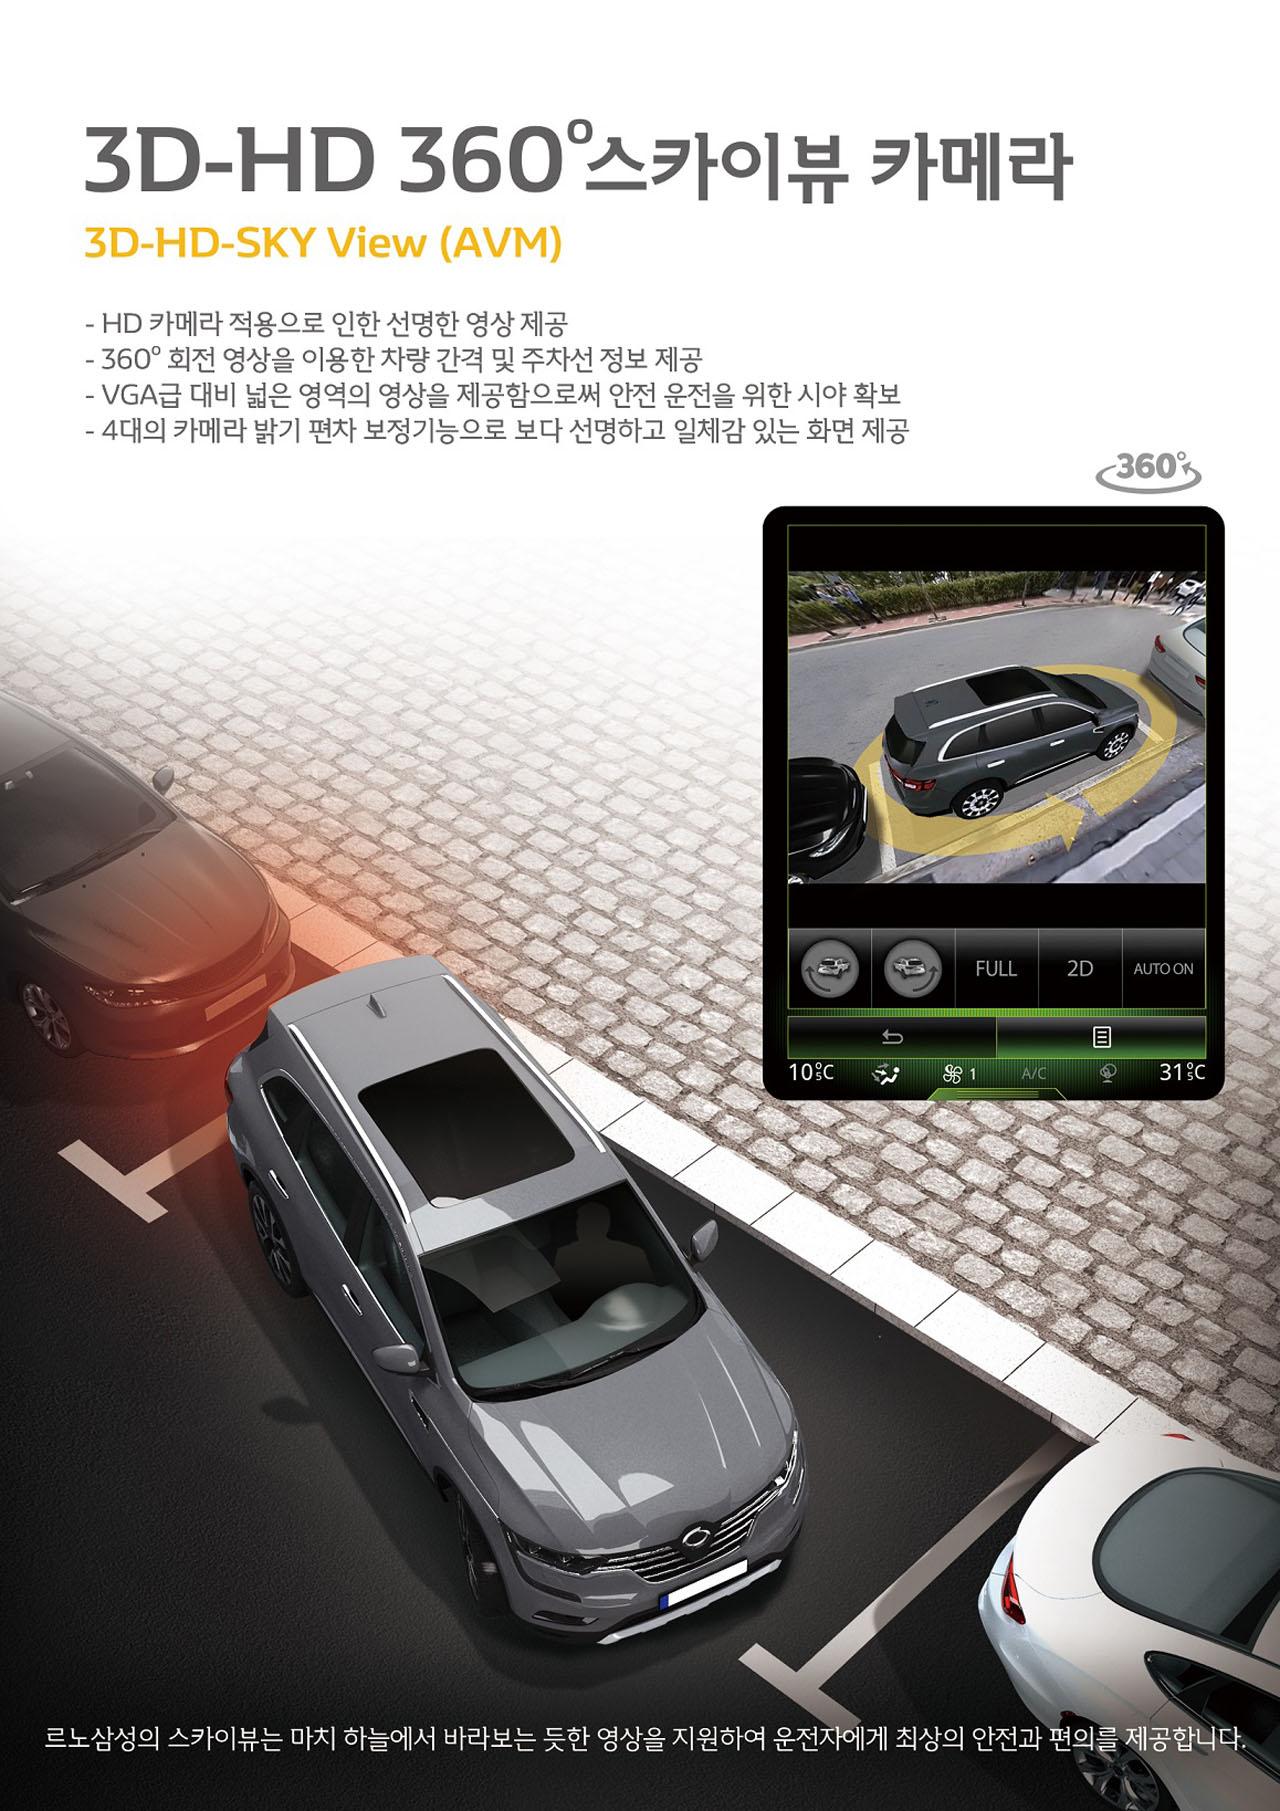 사진01_고화질 모니터링 시스템 3D-HD 360 스카이뷰 카메라